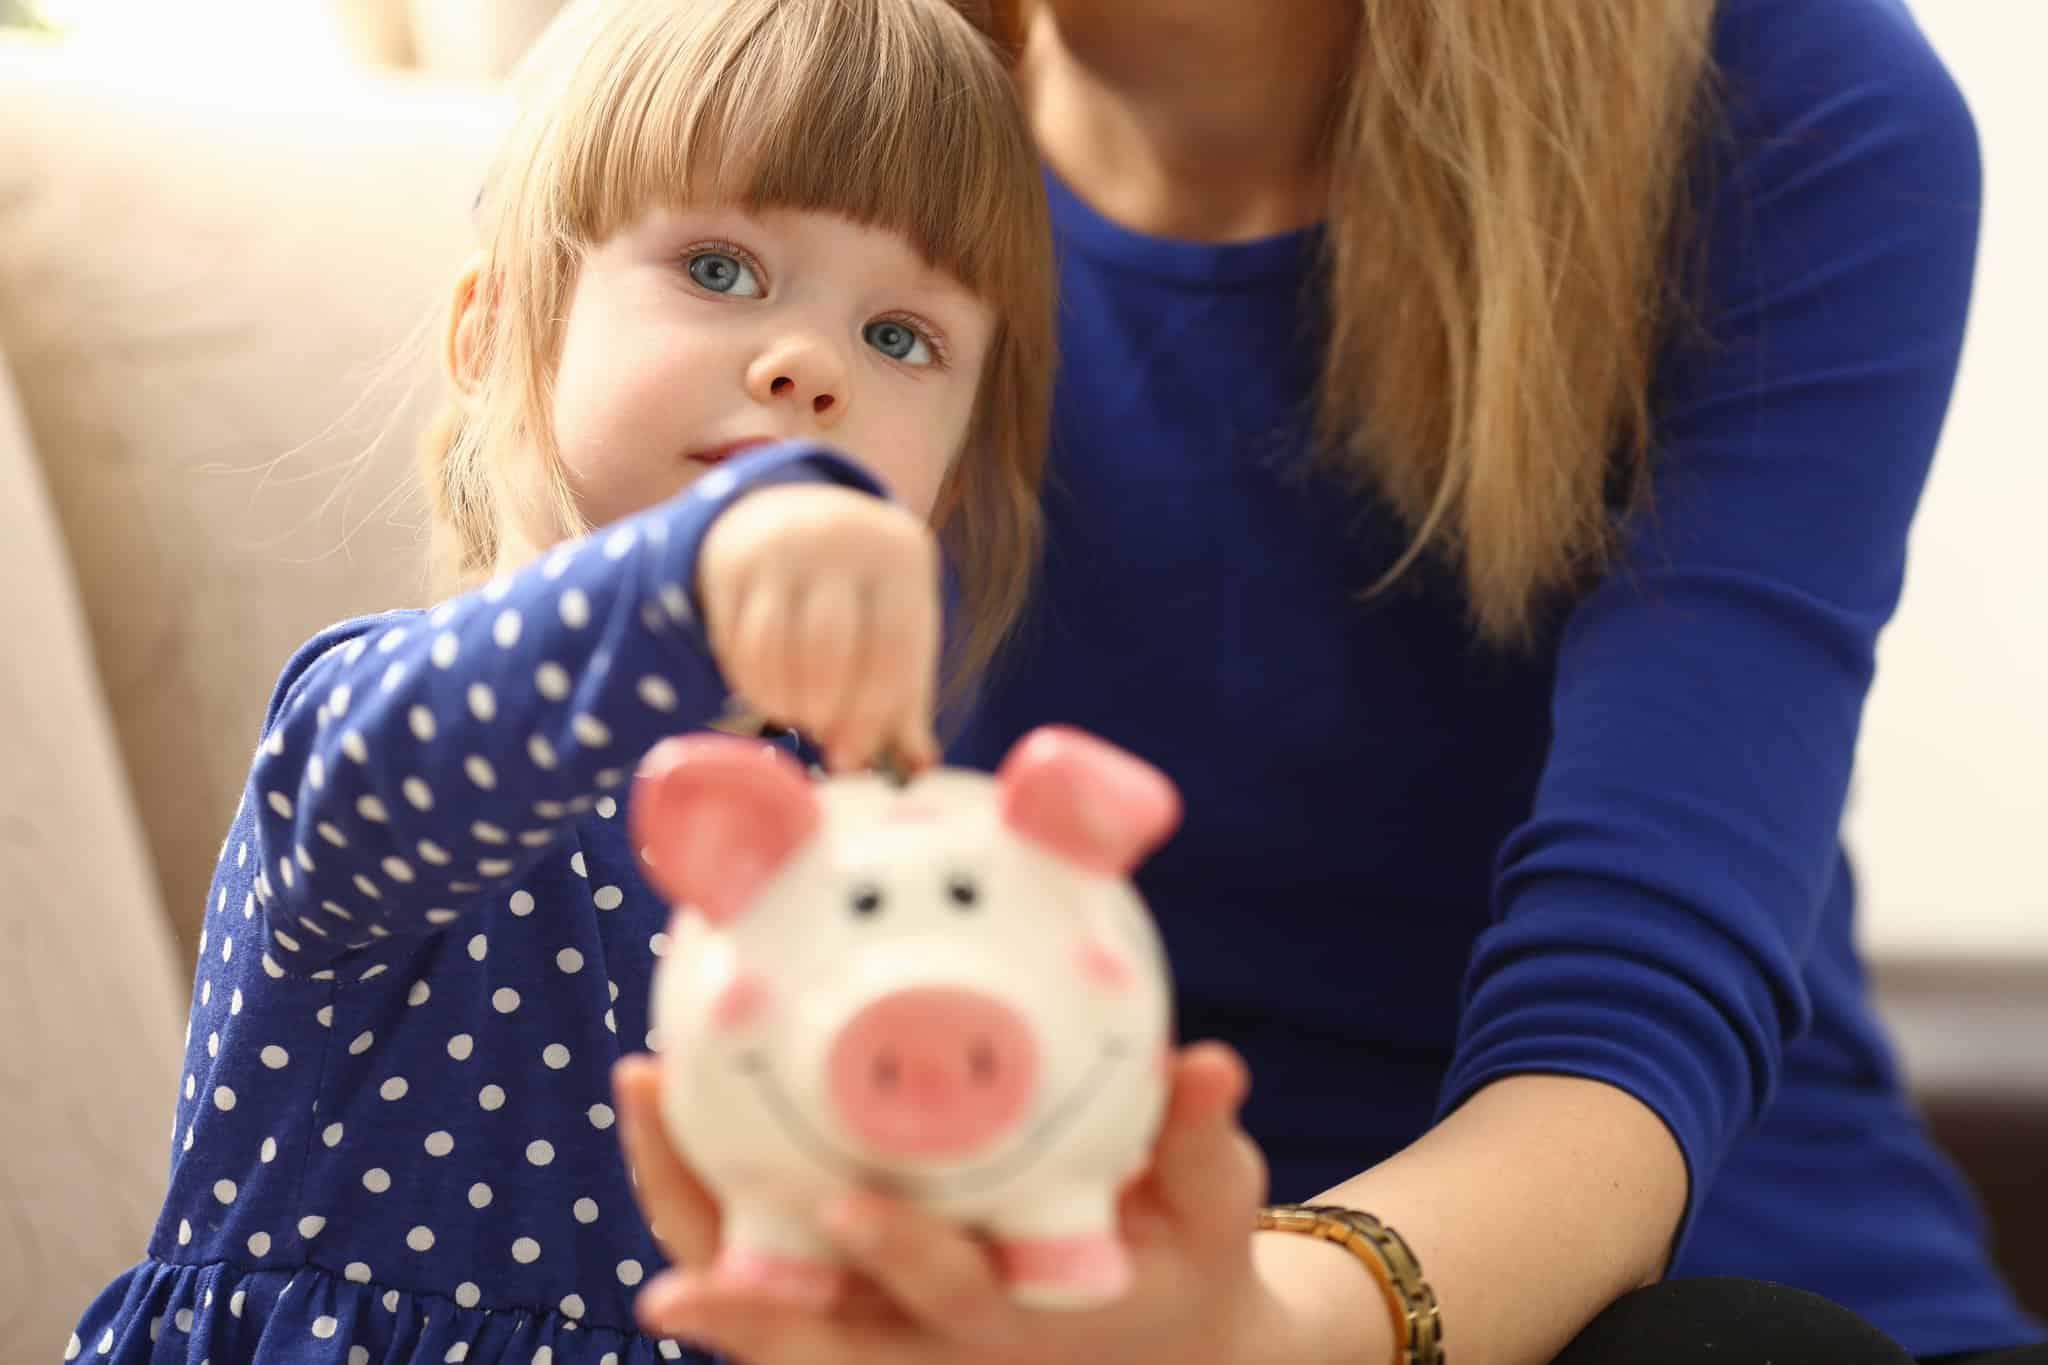 Пособия на детей от 3 до 7 лет увеличатся с 2021 года в России